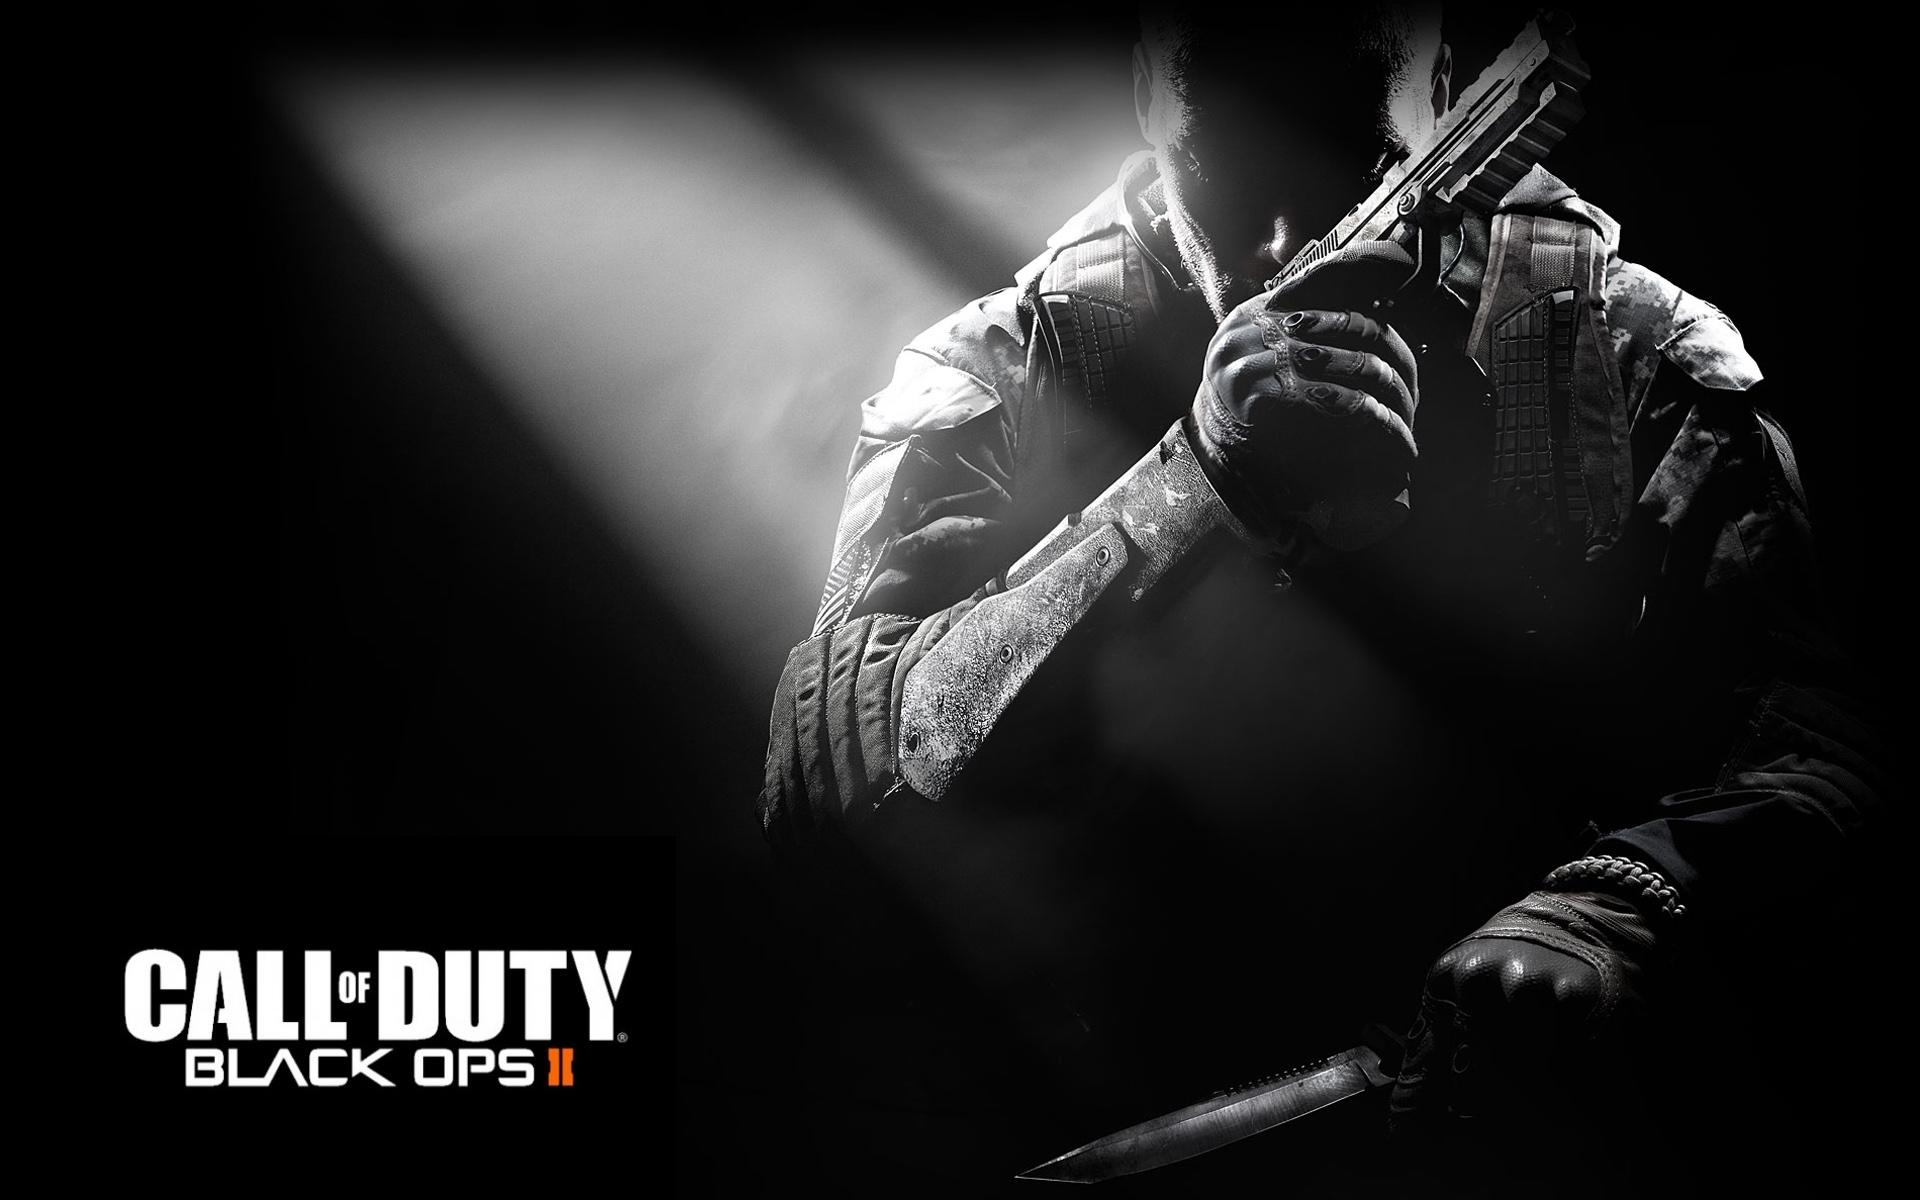 Всем привет!!!Это мой первый пост так что строго не судите.  Все знают о существовании чудесного шутера Call of Duty ... - Изображение 1